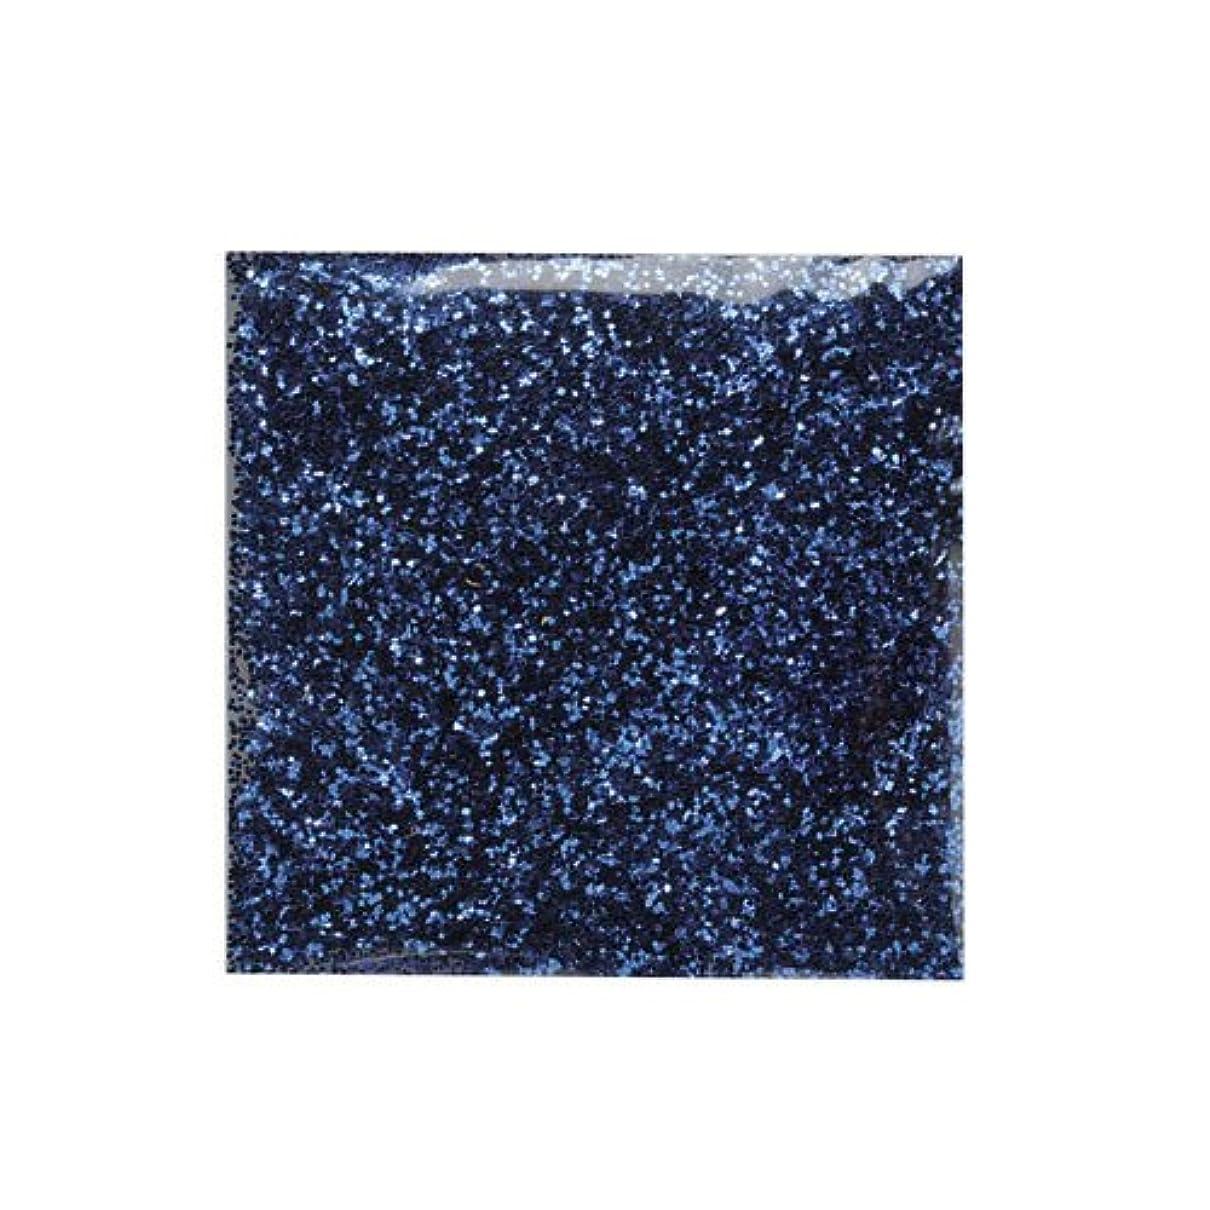 チャンピオン取得絶え間ないピカエース ネイル用パウダー ピカエース ラメメタリック M #536 ブルー 2g アート材